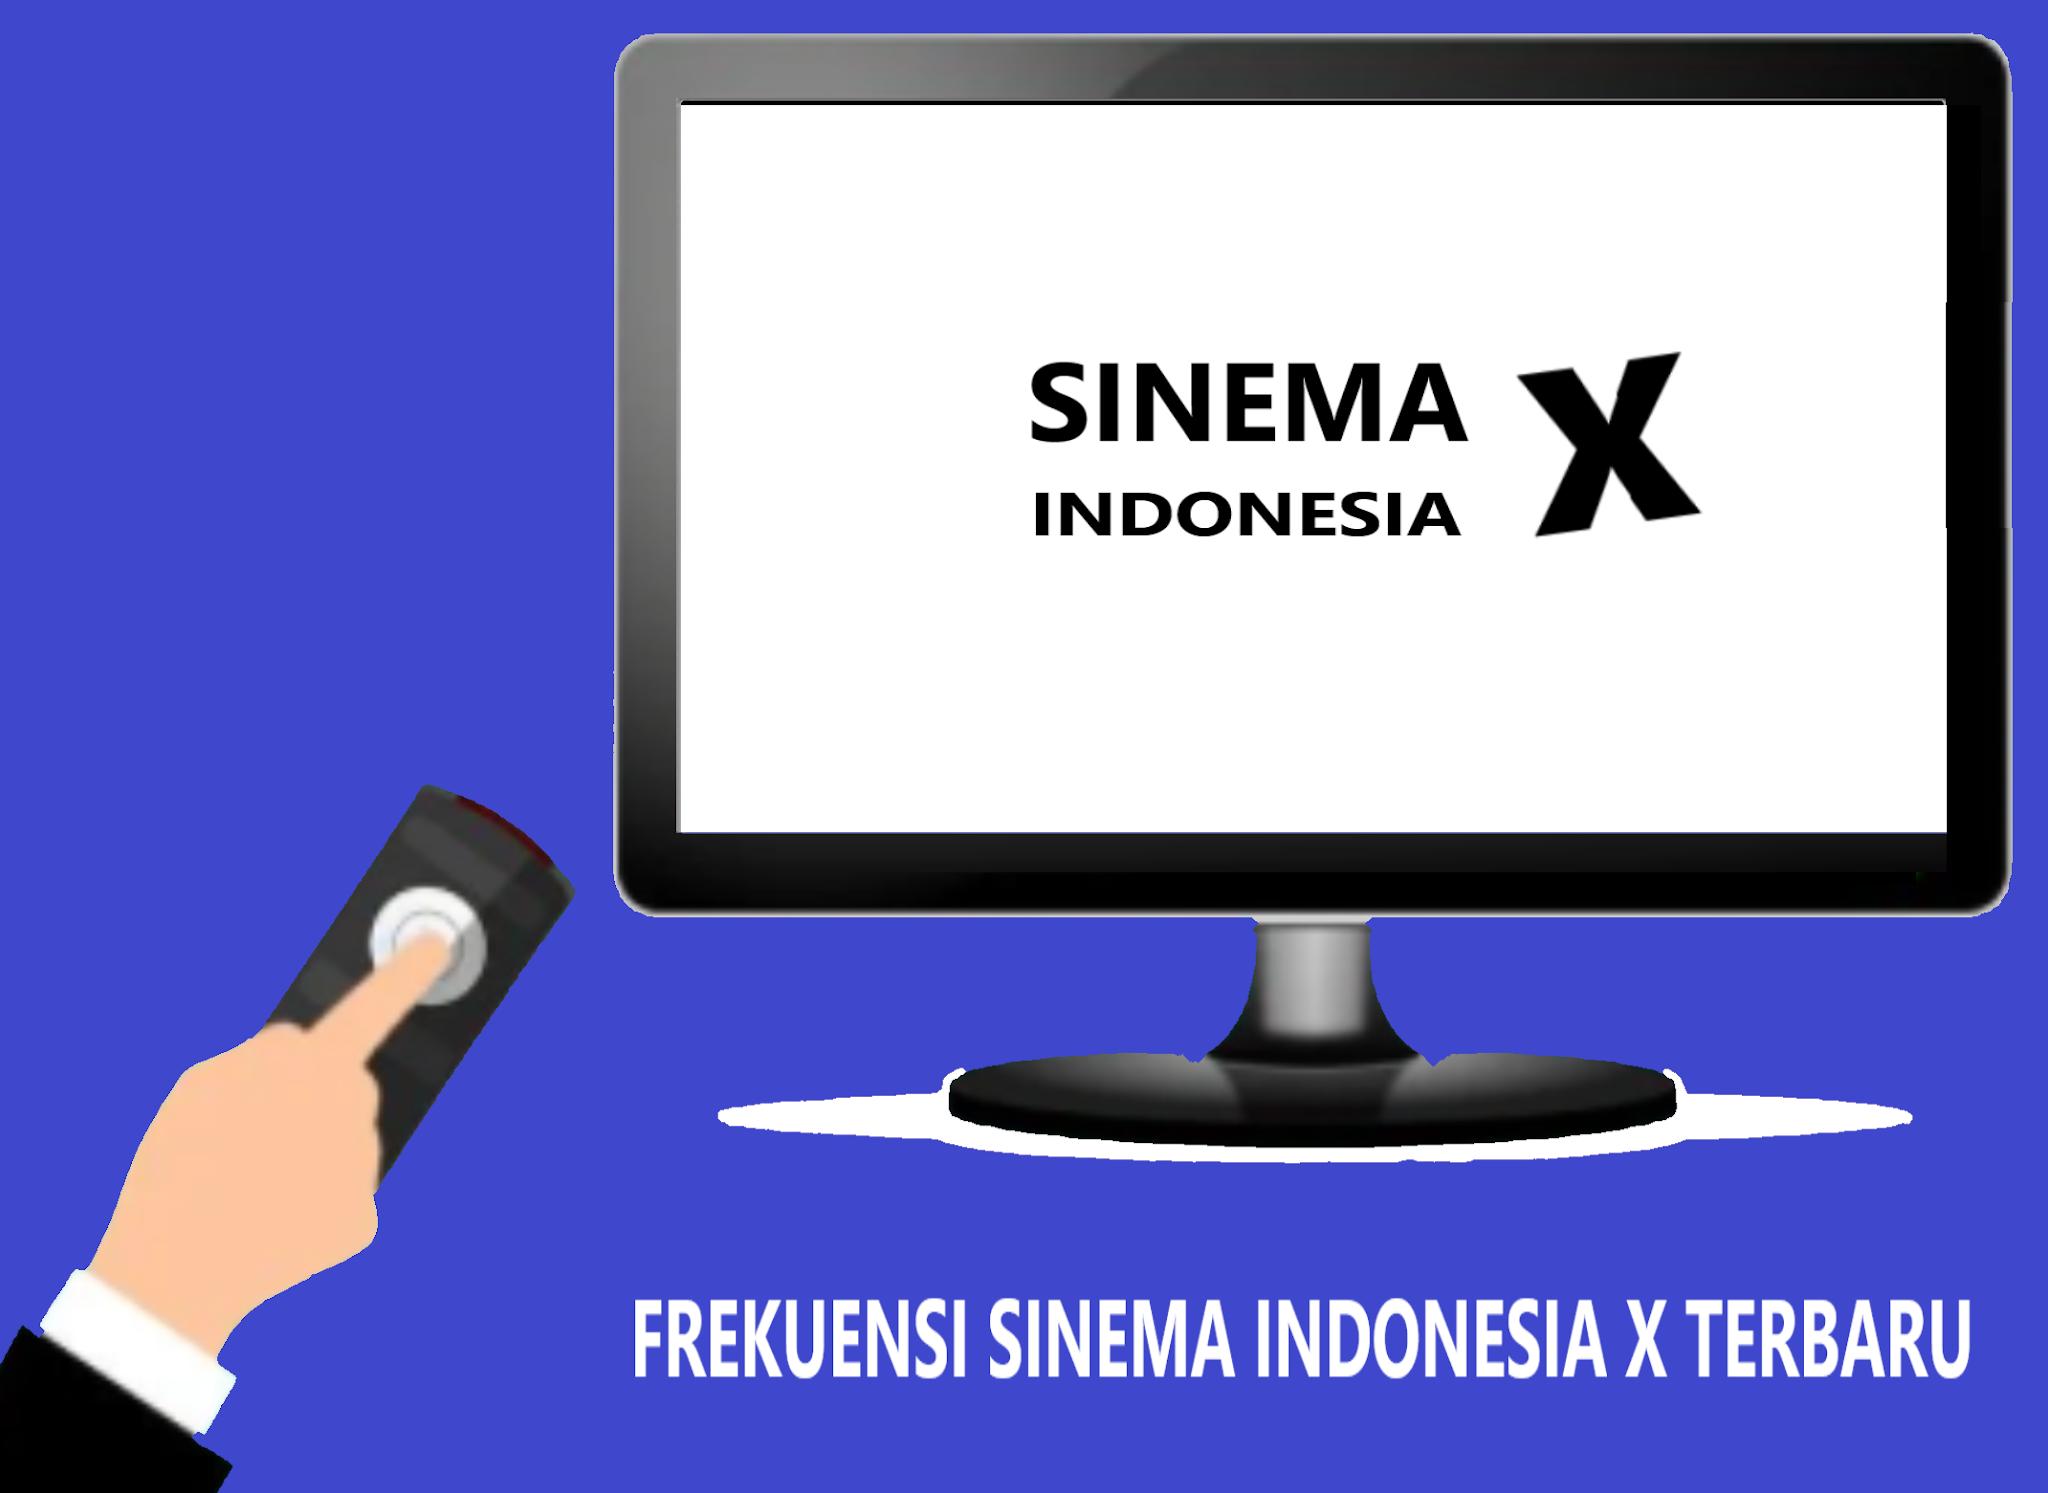 Frekuensi Sinema Indonesia X Terbaru Di Telkom 4 Update 2020